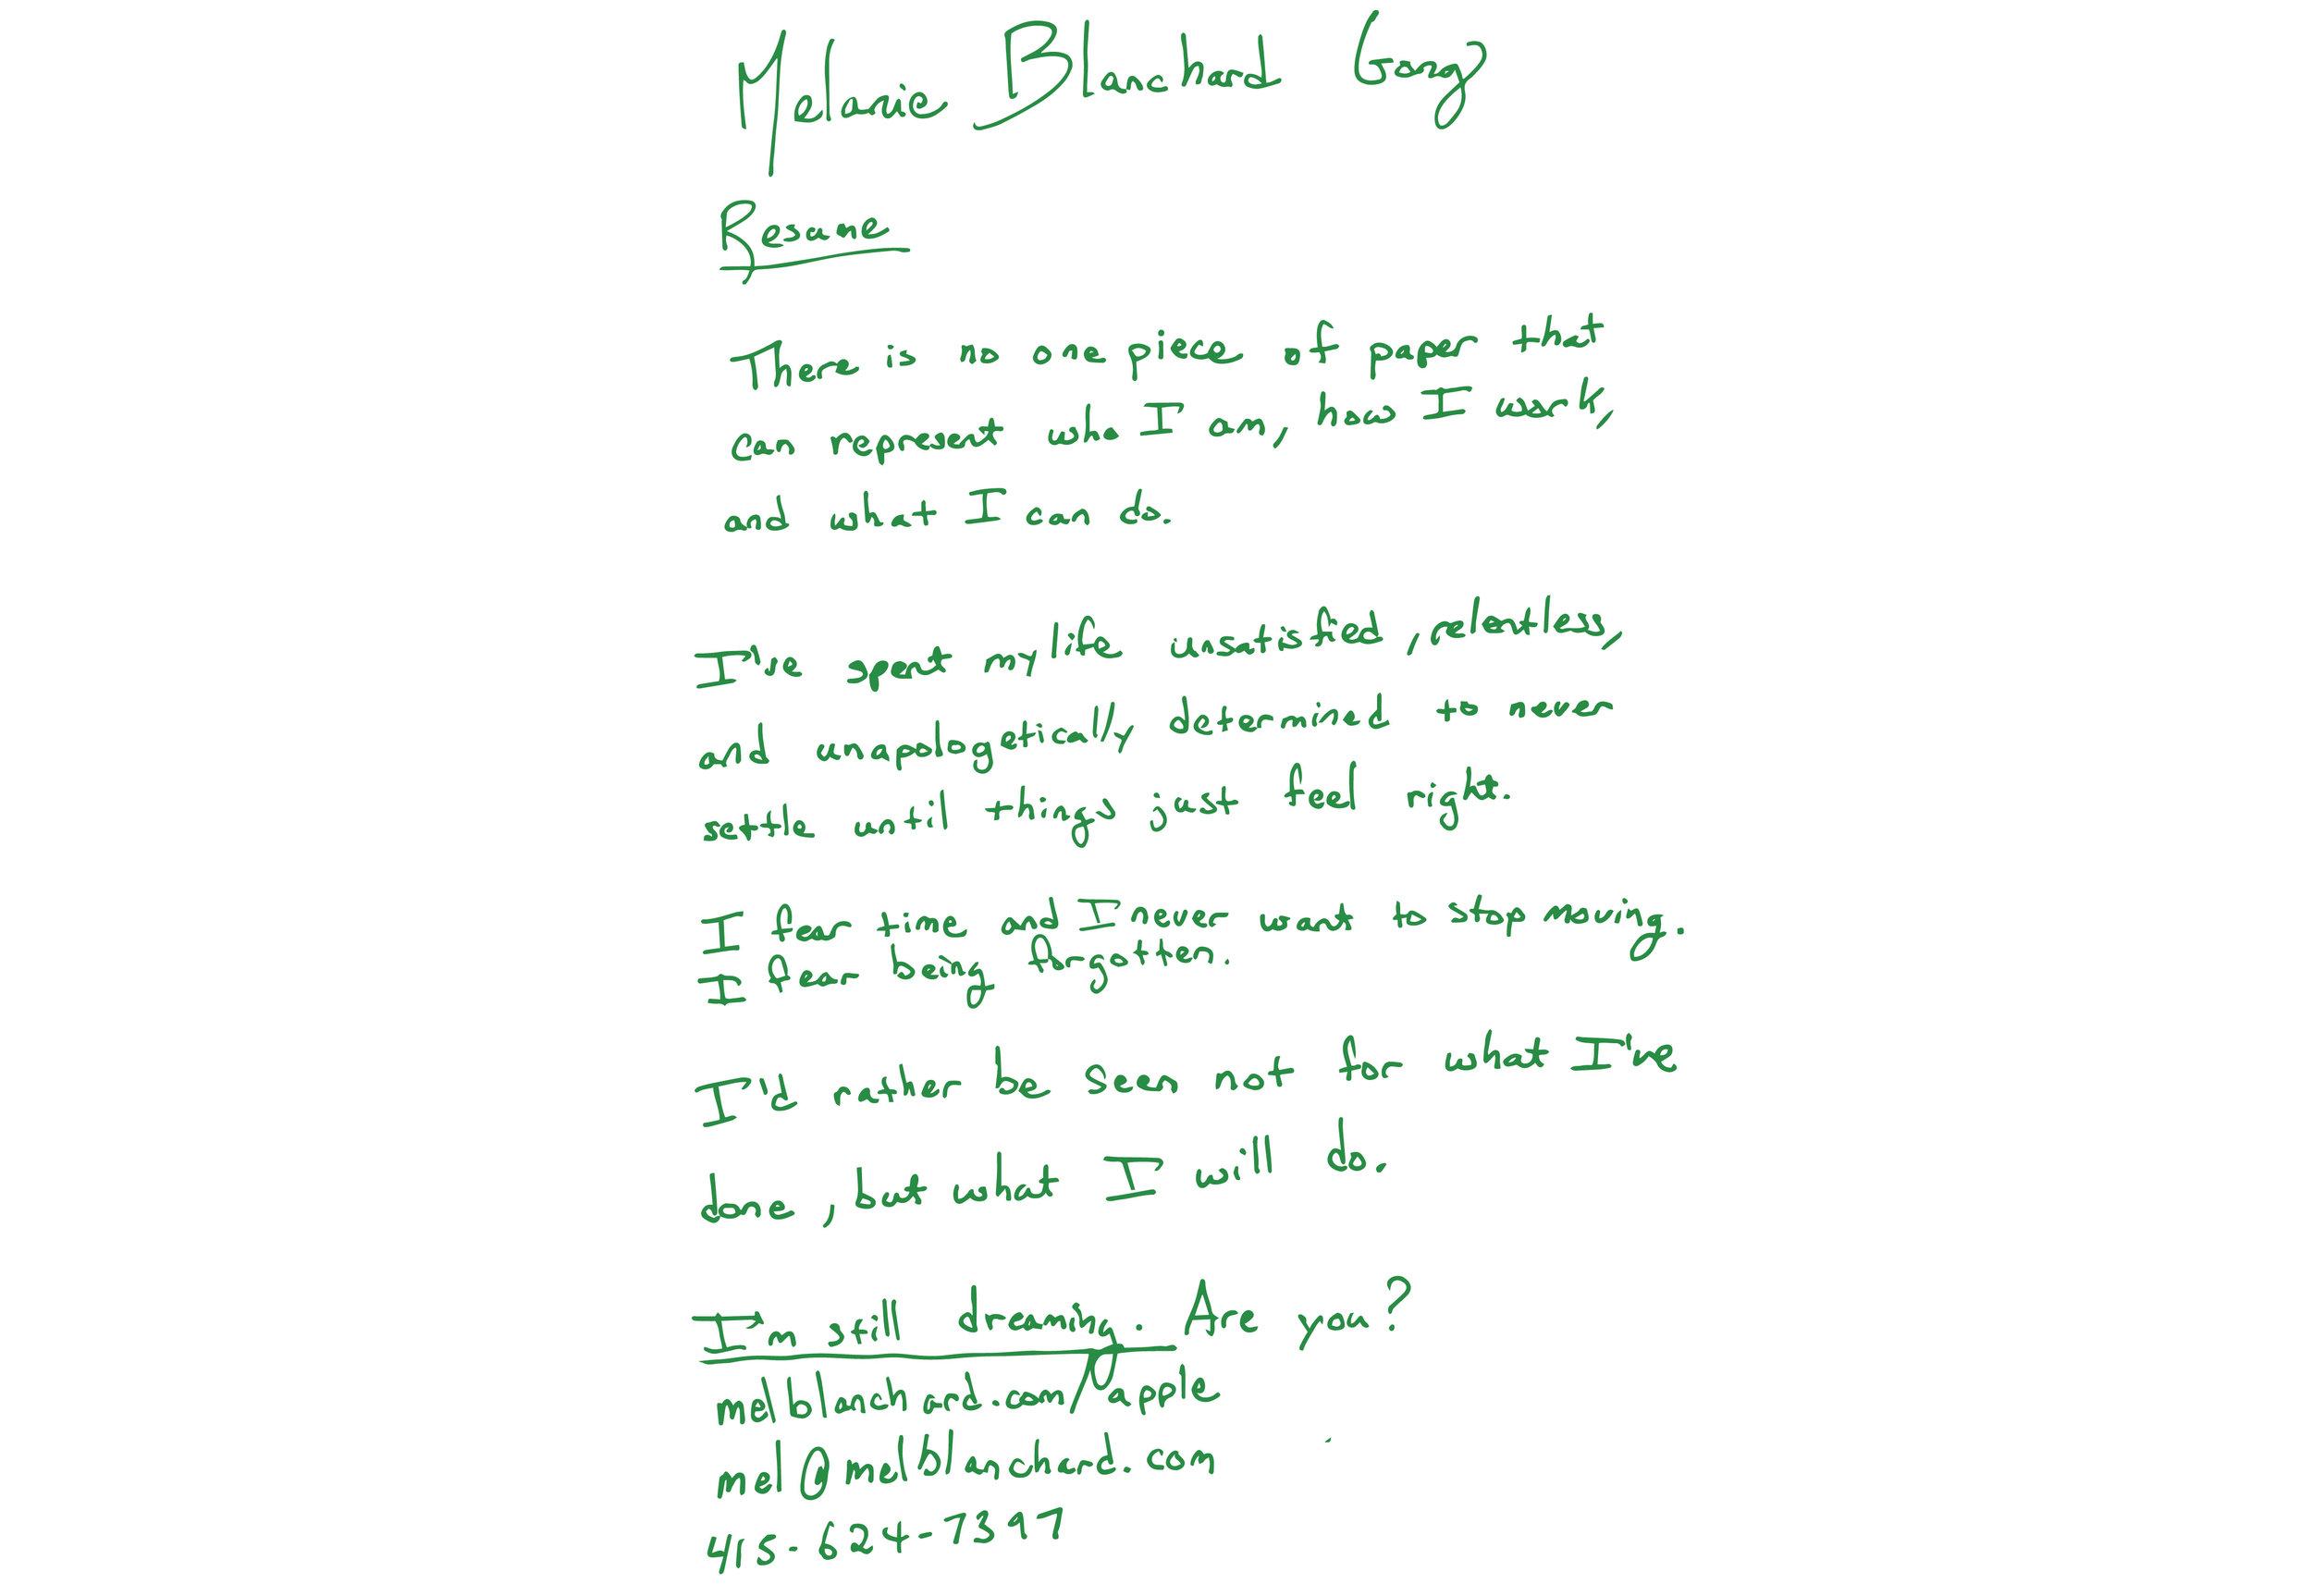 Apple Dreams Campaign- Melanie Blanchard Gong-resume-01.jpg